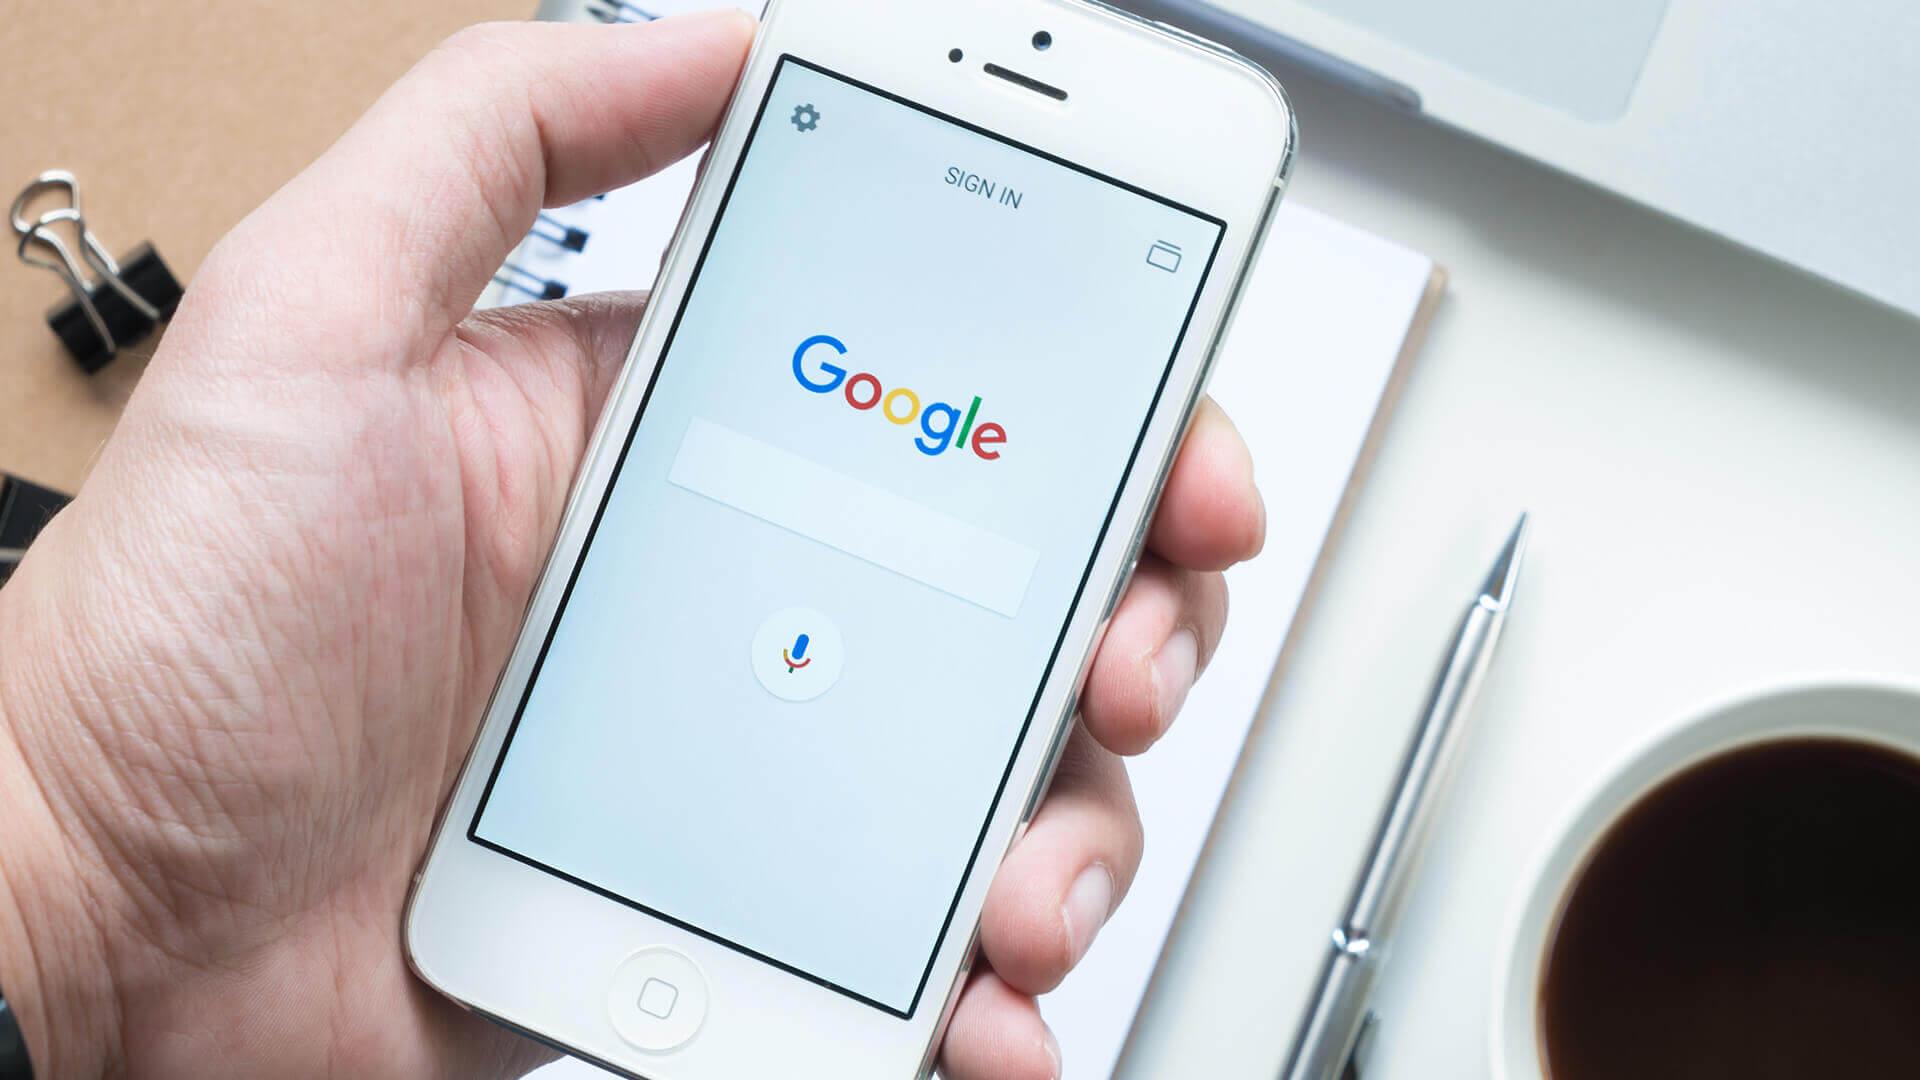 เว็บไซต์ที่สามารถใช้งานนได้ดีทั้งบนคอมพิวเตอร์และโทรศัพท์มือถือ